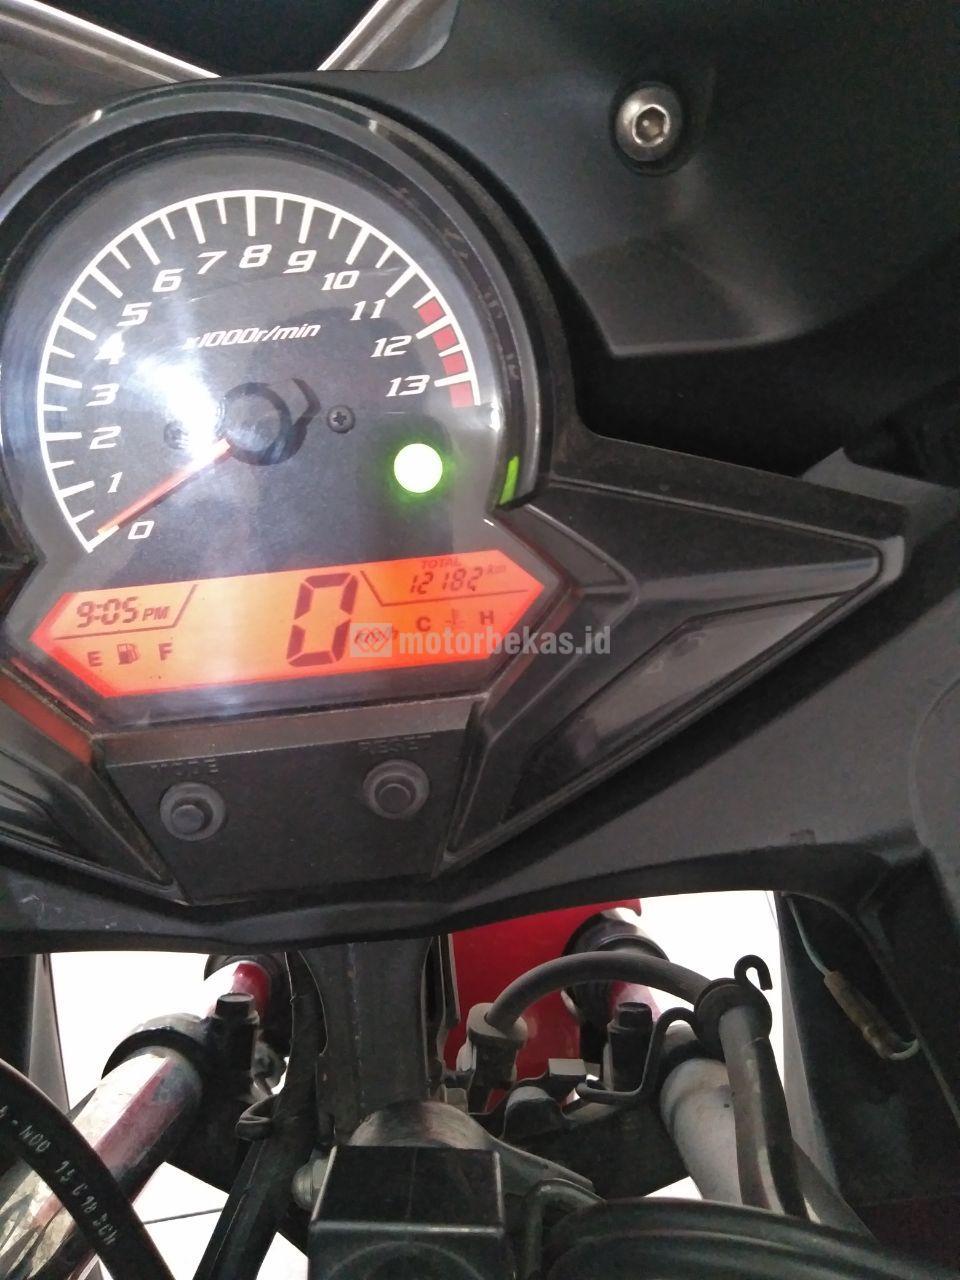 HONDA CBR 150  3840 motorbekas.id